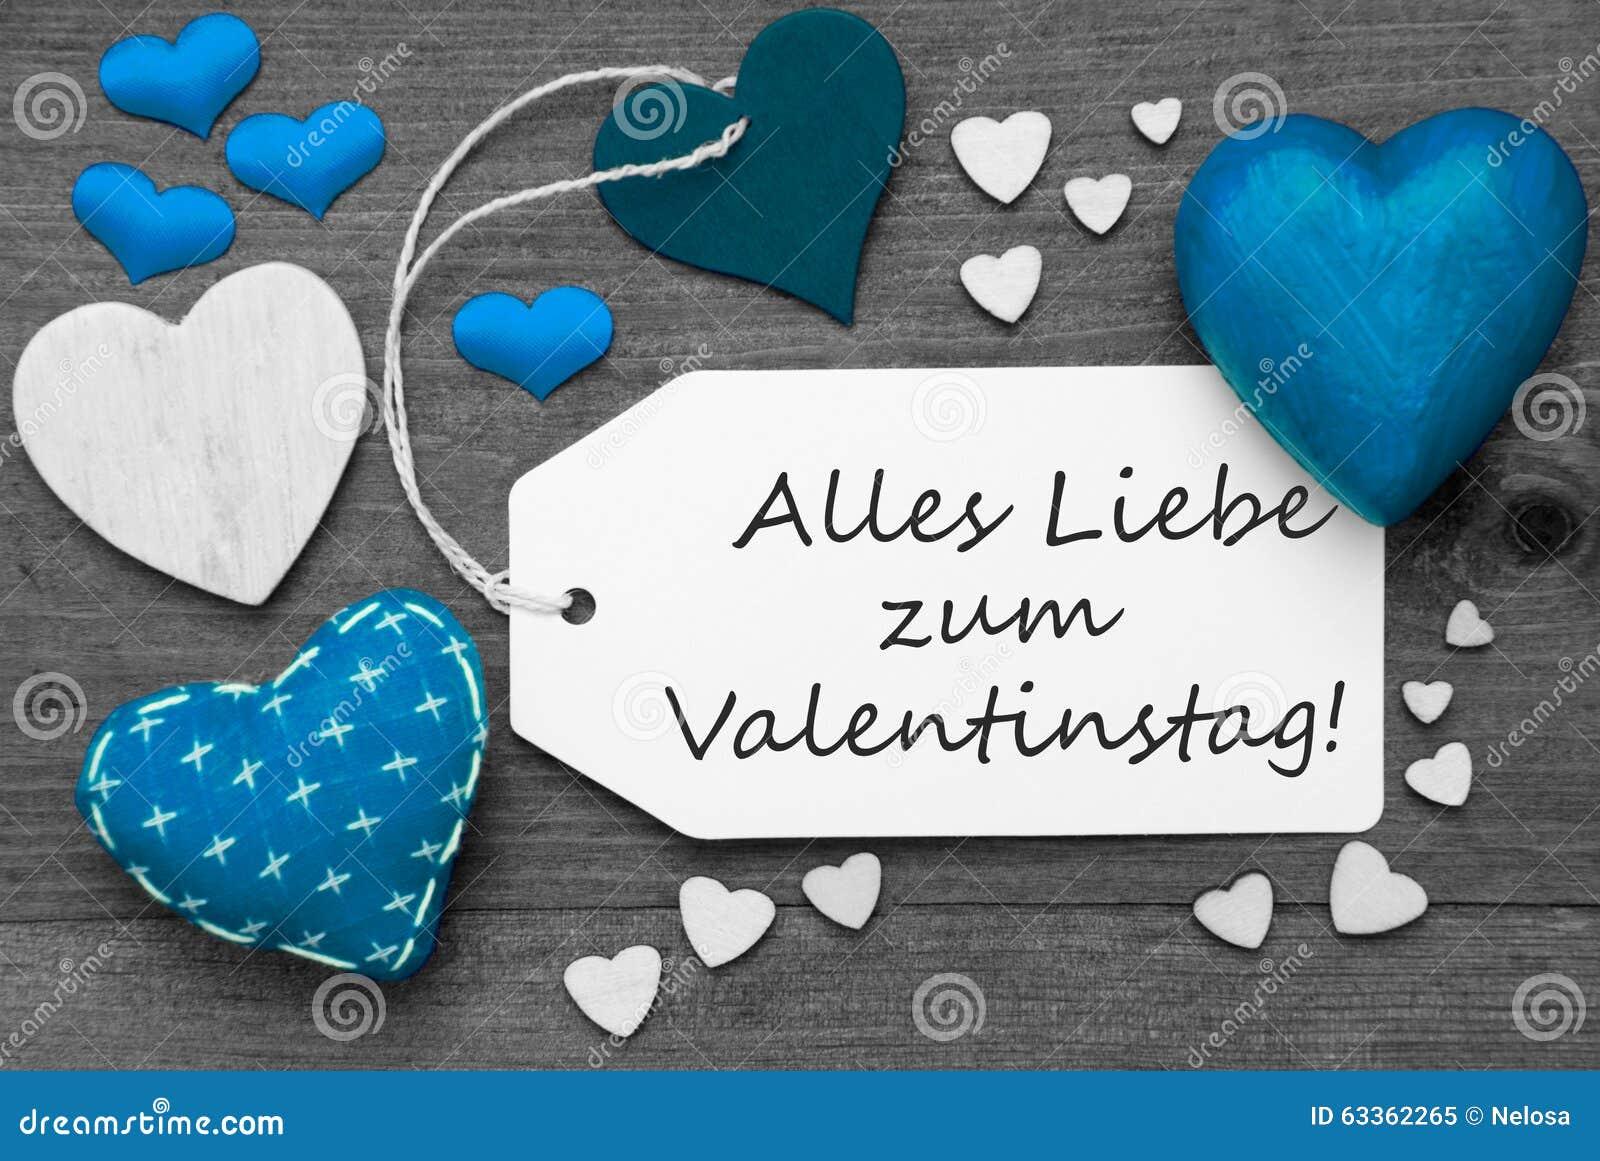 Schwarzweiss-Aufkleber, Blaue Herzen, Valentinstag Bedeutet ...